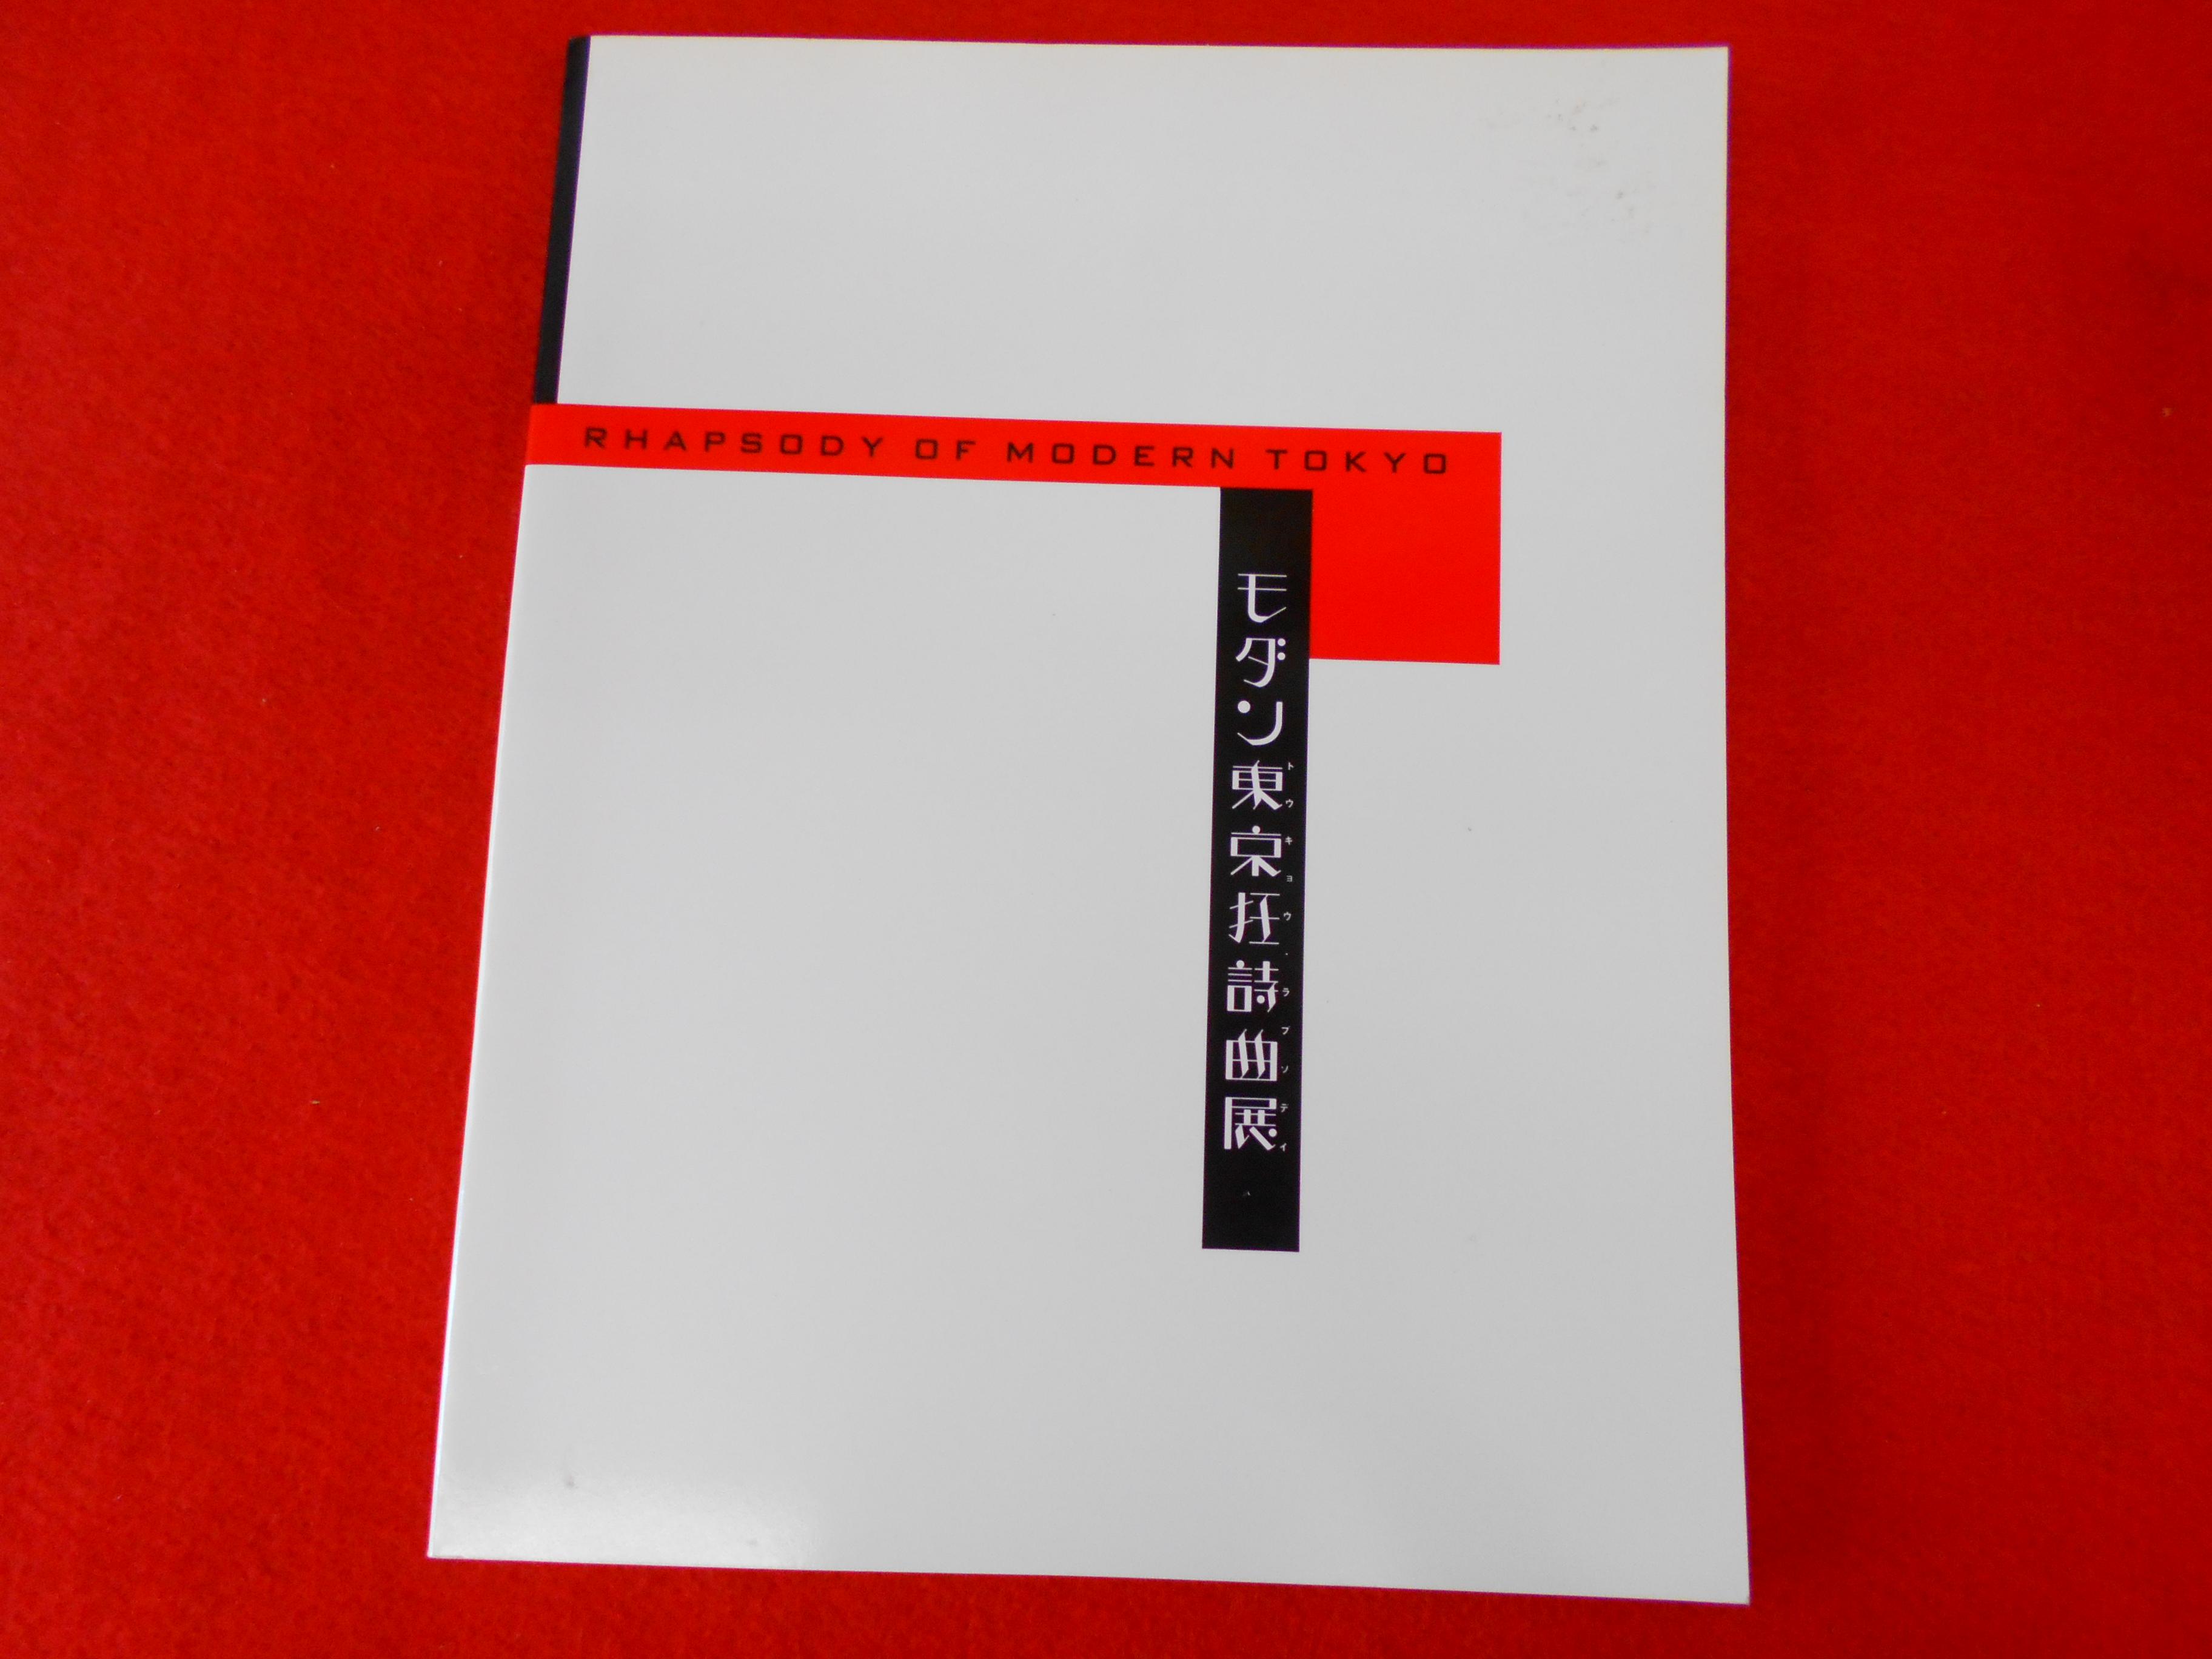 写真集【モダン東京狂詩曲】東京に関する書籍買取は小川書店へ!の画像